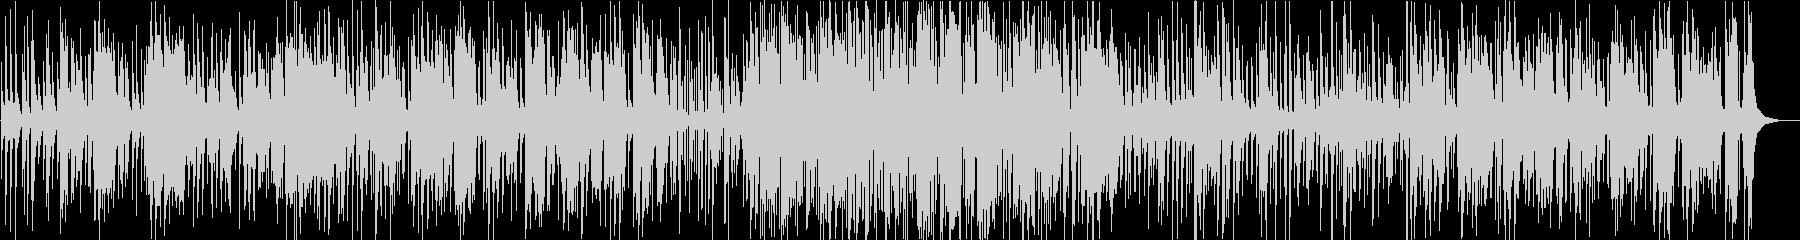 ゆったりテンポのオールドタイプジャズの未再生の波形